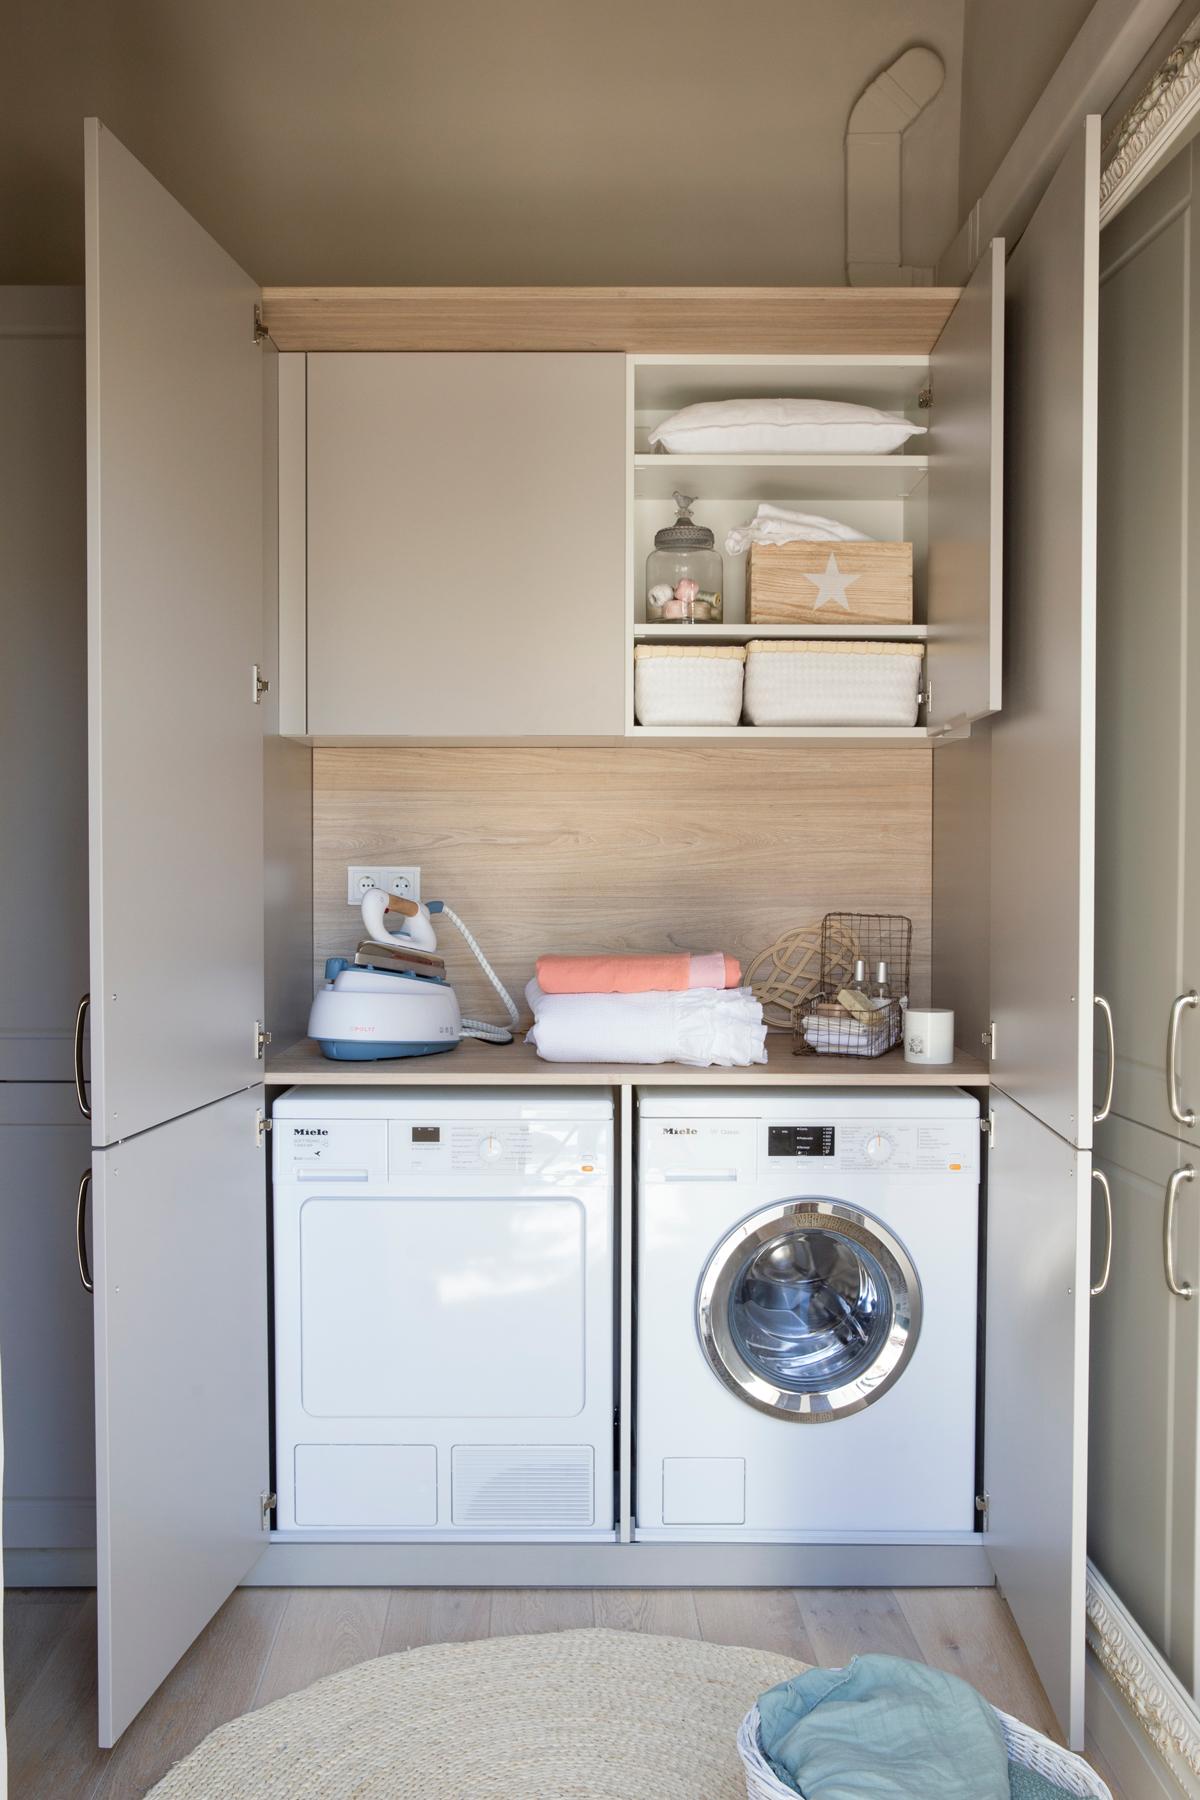 Ideas y soluciones que mejorar n tu casa - Medidas de lavadoras y secadoras ...